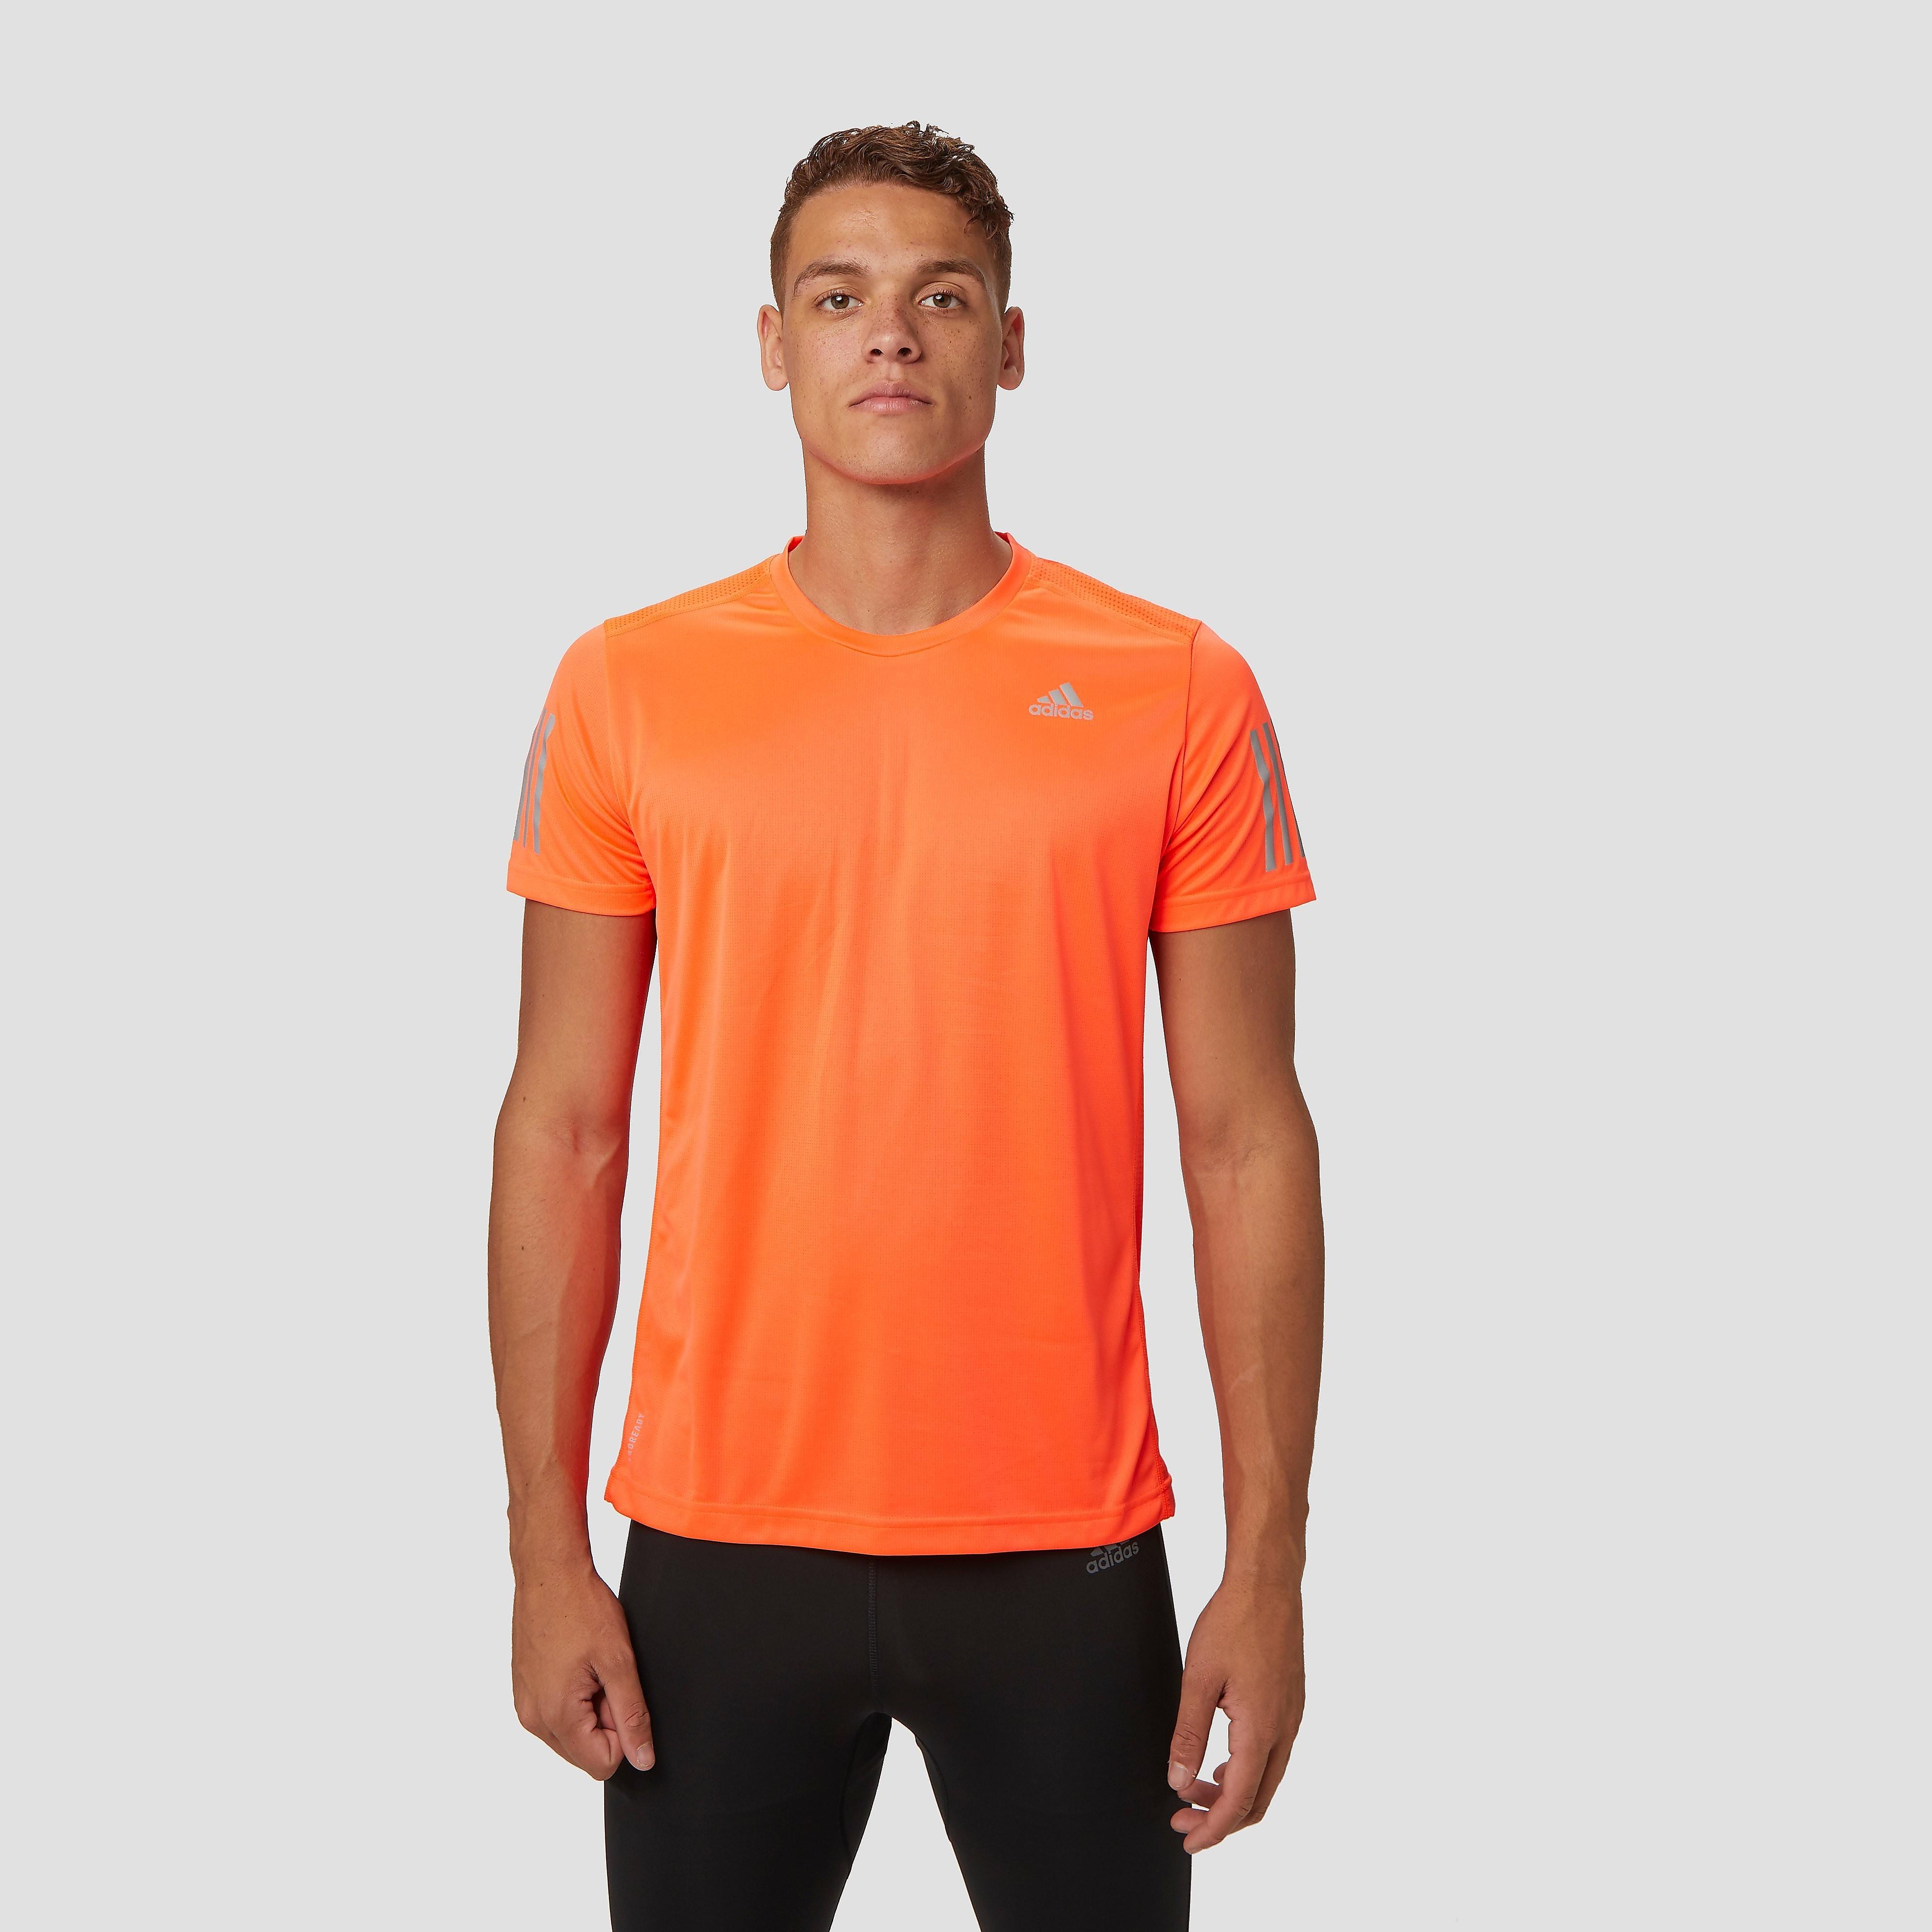 adidas Own the run hardloopshirt rood heren Heren